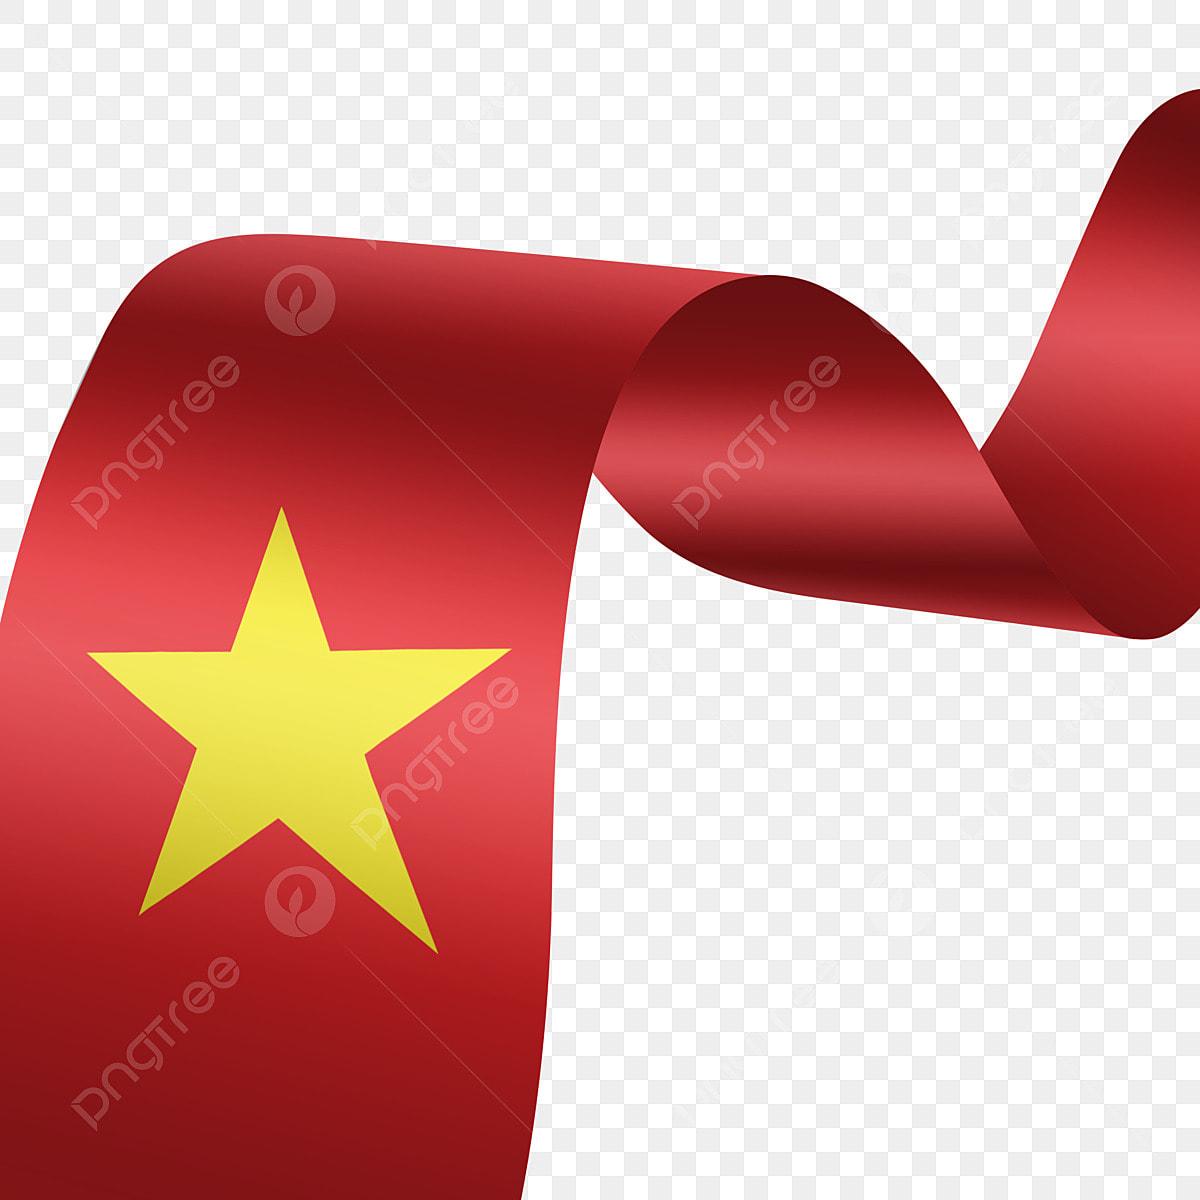 Gambar Hiasan Reben Bendera Vietnam Merah Merah Vietnam Bendera Png Dan Psd Untuk Muat Turun Percuma